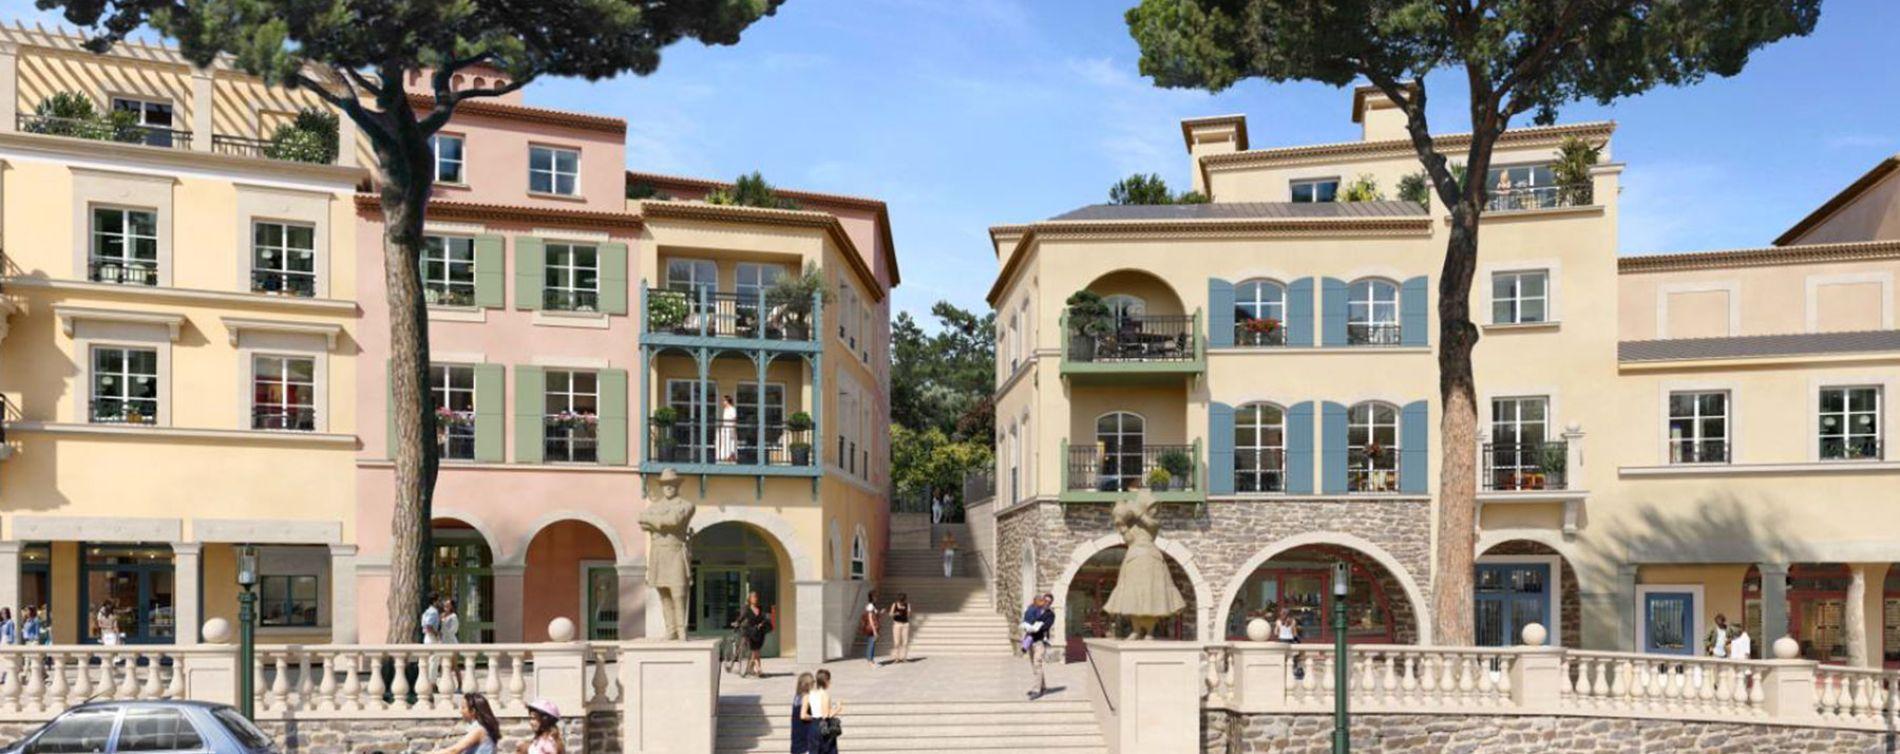 Le Rouret : programme immobilier neuve « Chemin des Comtes de Provence » (2)